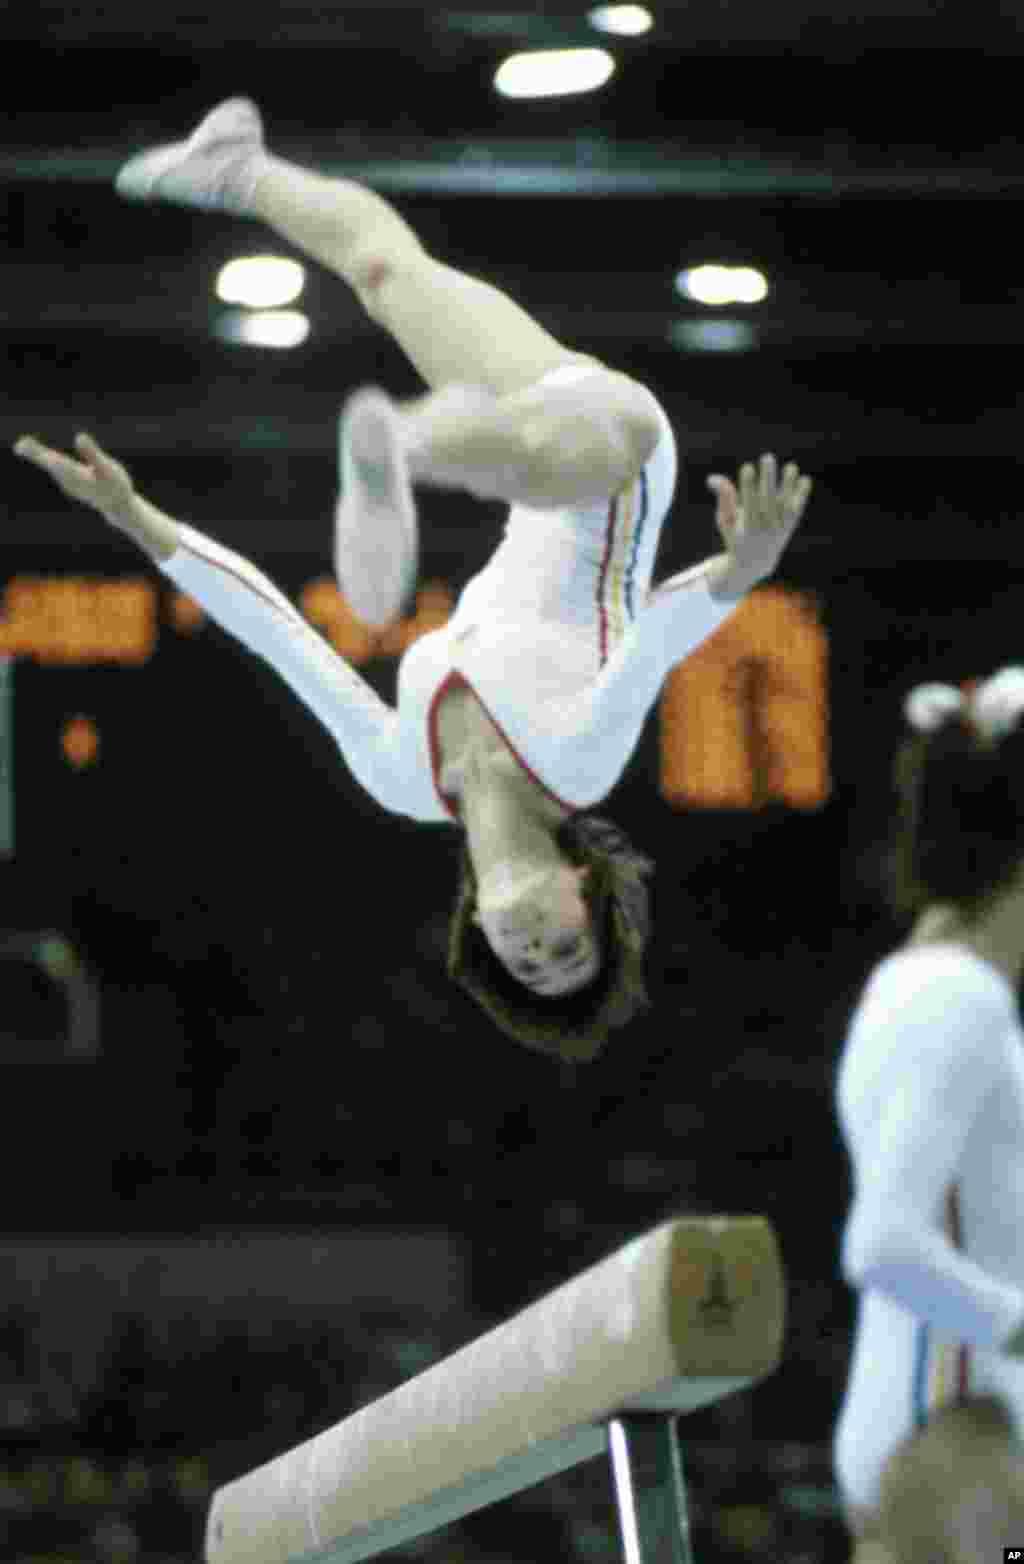 Румунська гімнастка Надя Команечі виконує «перекид» під час виступу, за який вона отримає чергову ідеальну десятку, цього разу на балансирі. Її перші круглі 10 балів були присуджені на Олімпіаді в Монреалі в 1976 році. Вона стала першою гімнасткою в історії, яка досягла такого результату